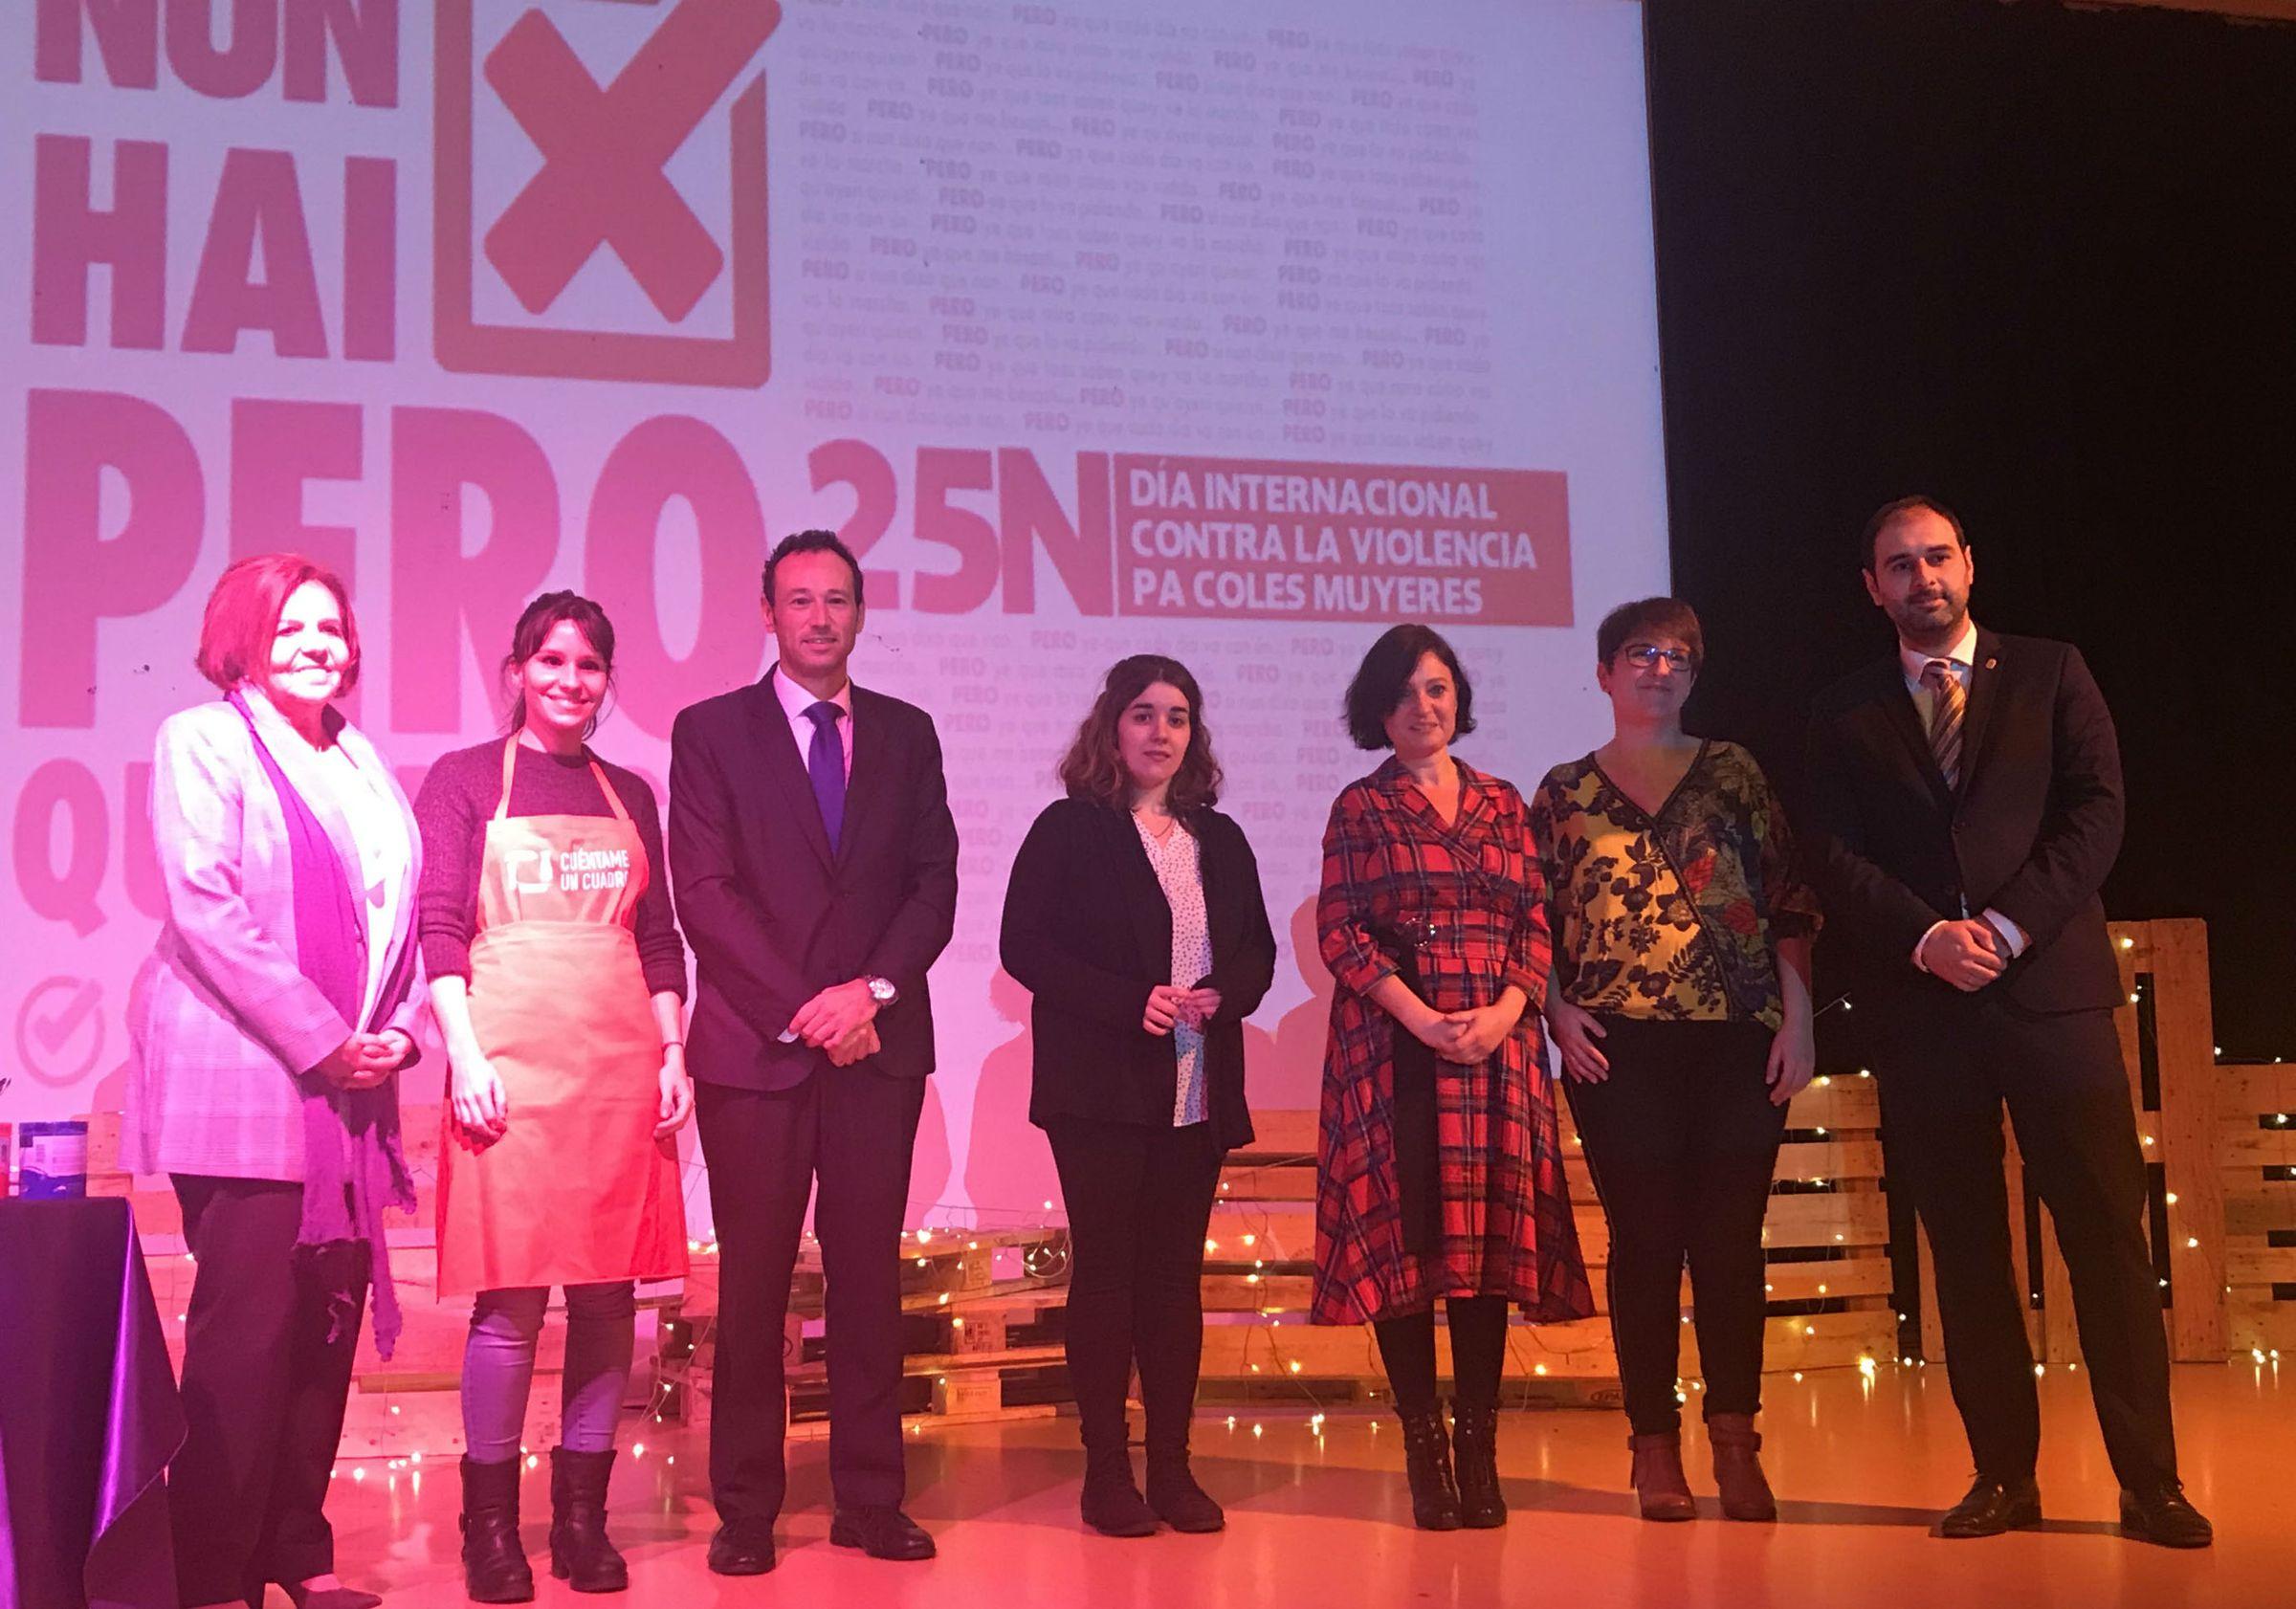 Asturias da la cara contra la violencia de género.Acto institucional del Principado, en Pravia, por el 25-N